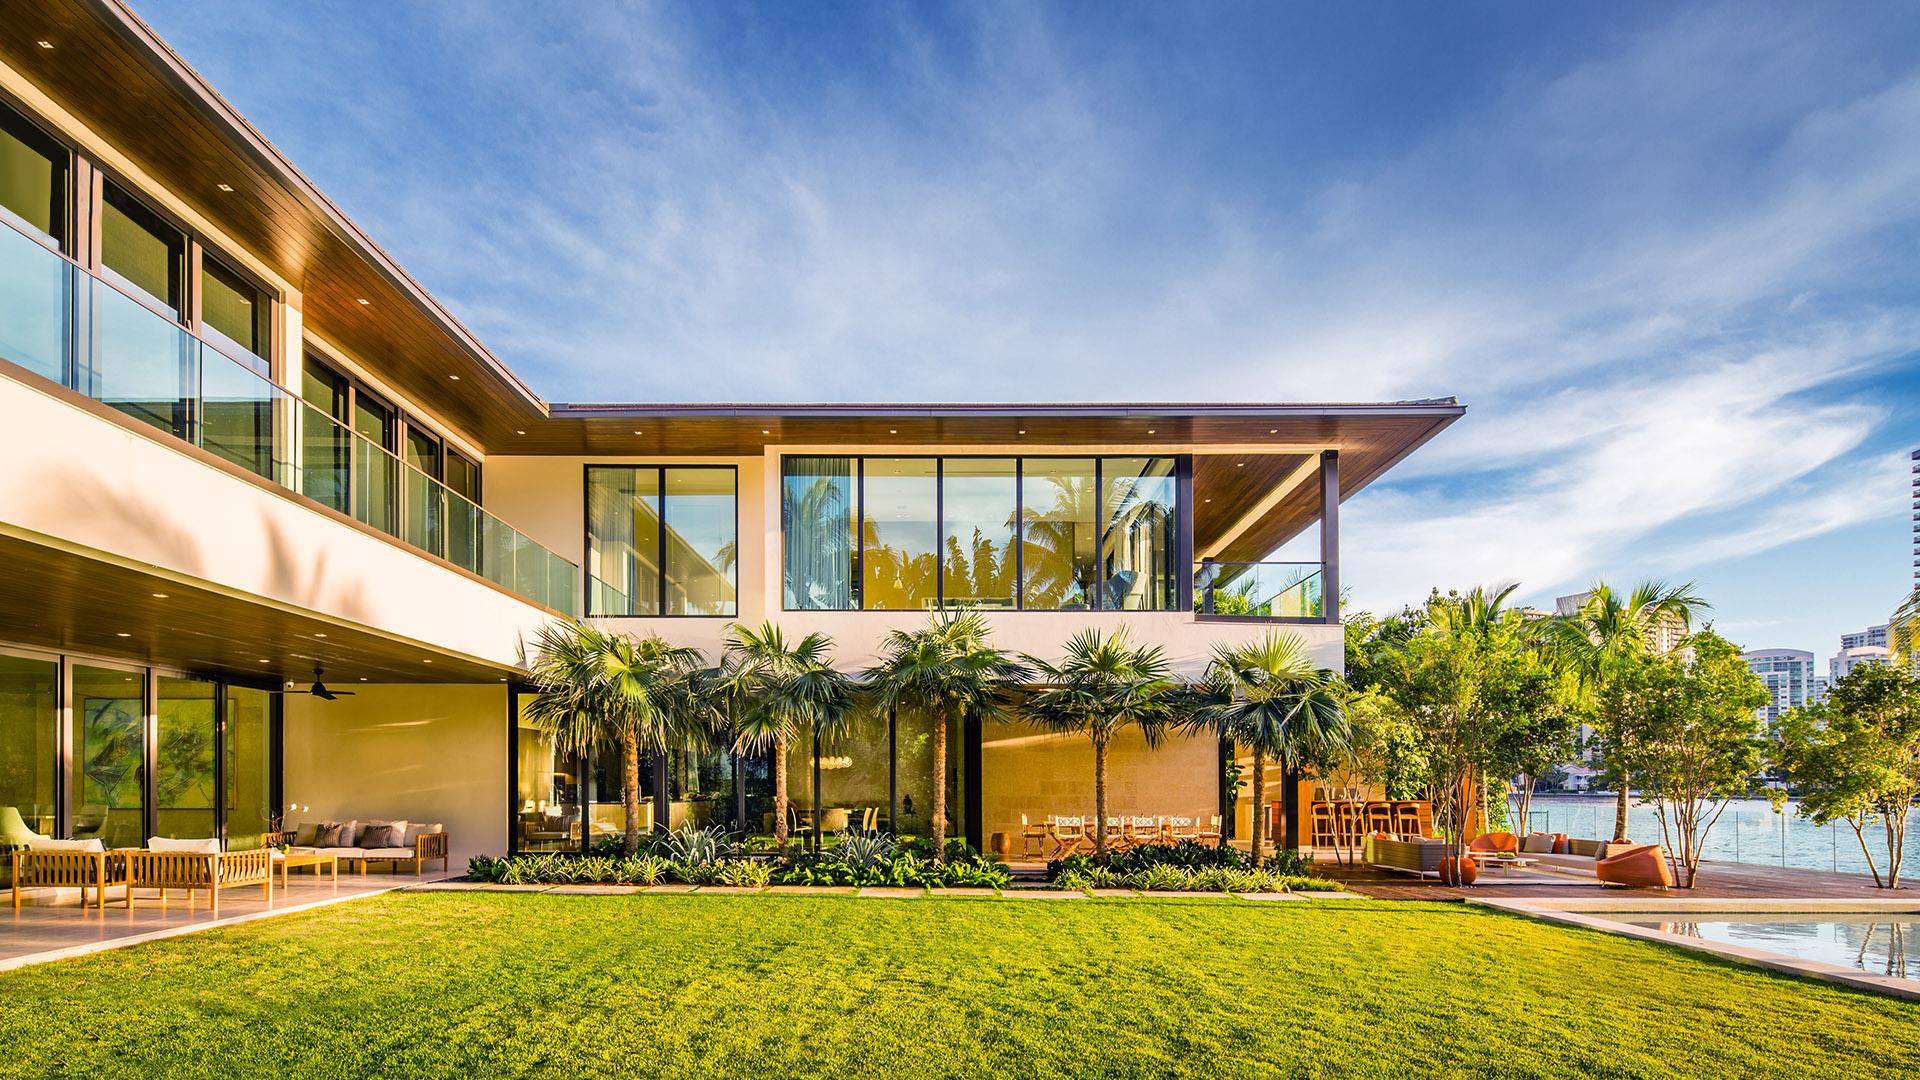 GOLDEN BEACH HOUSE - KKAID